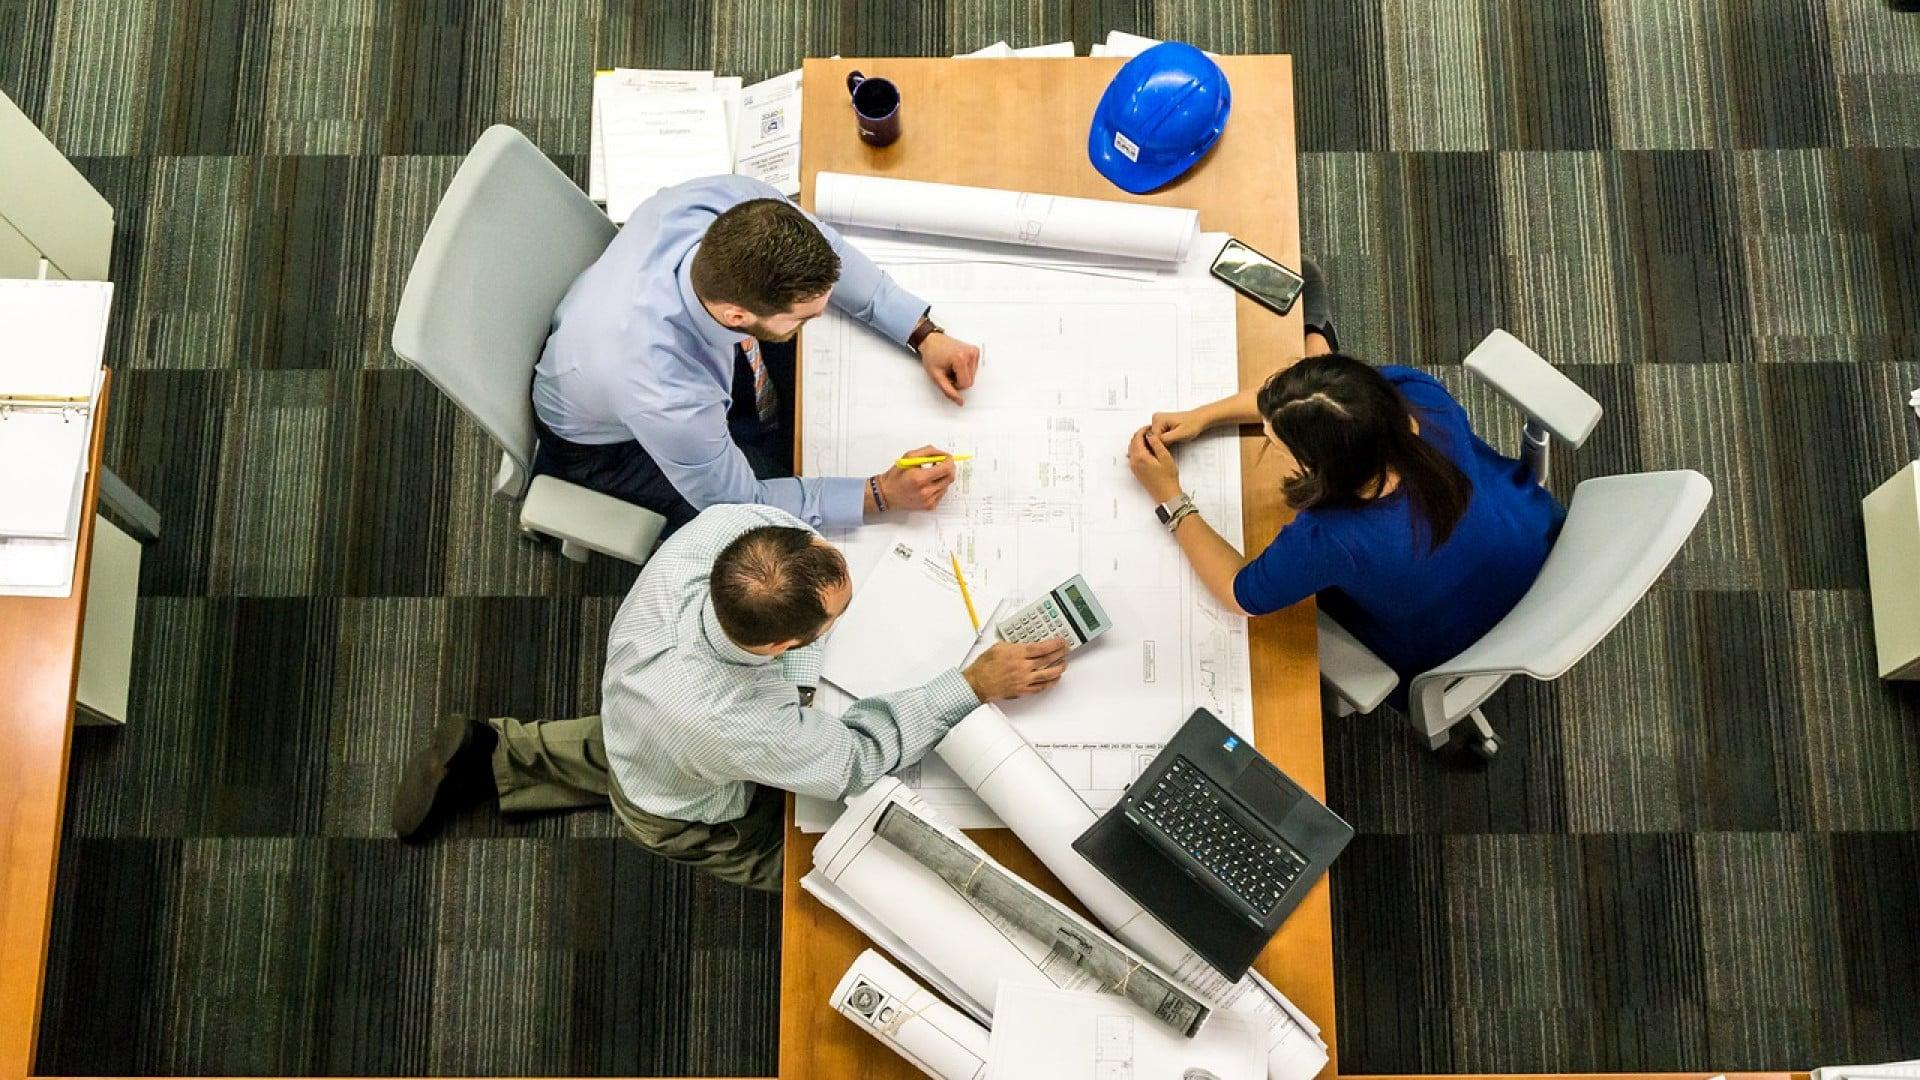 Comment équiper son entreprise de bureaux ?